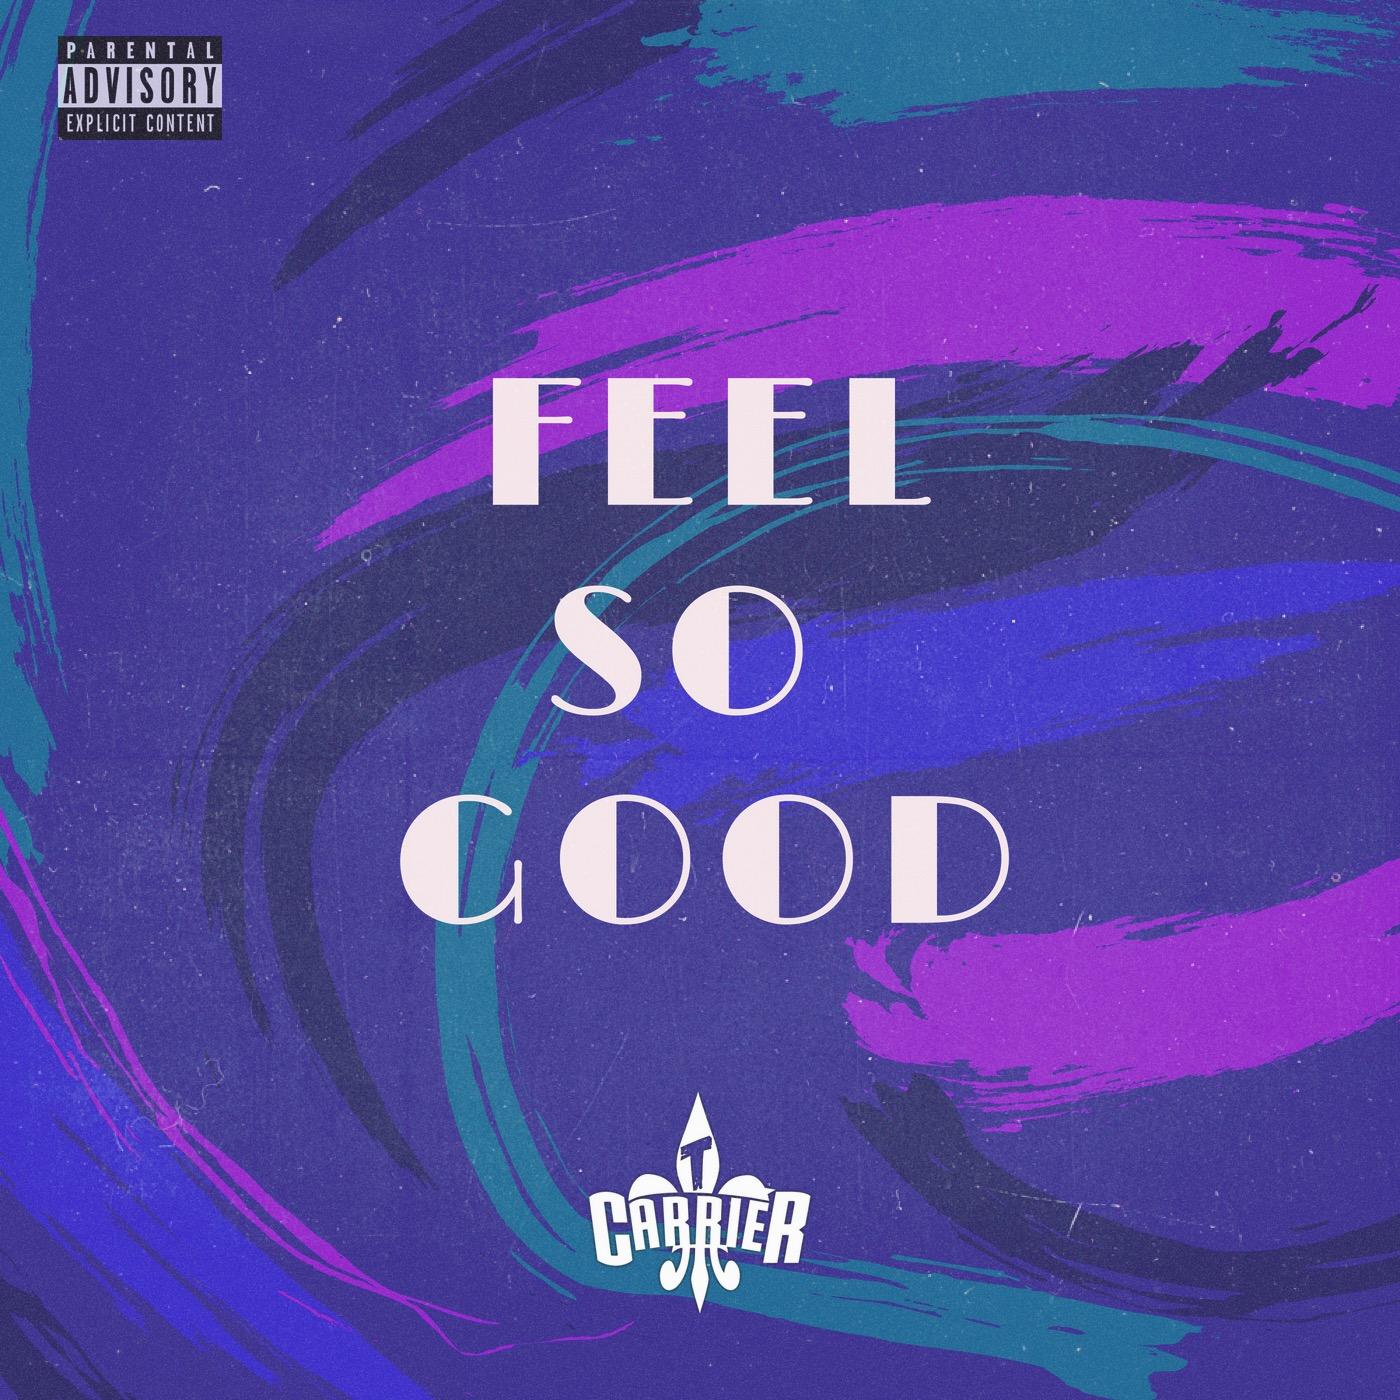 Feel So Good Cover Art.JPG